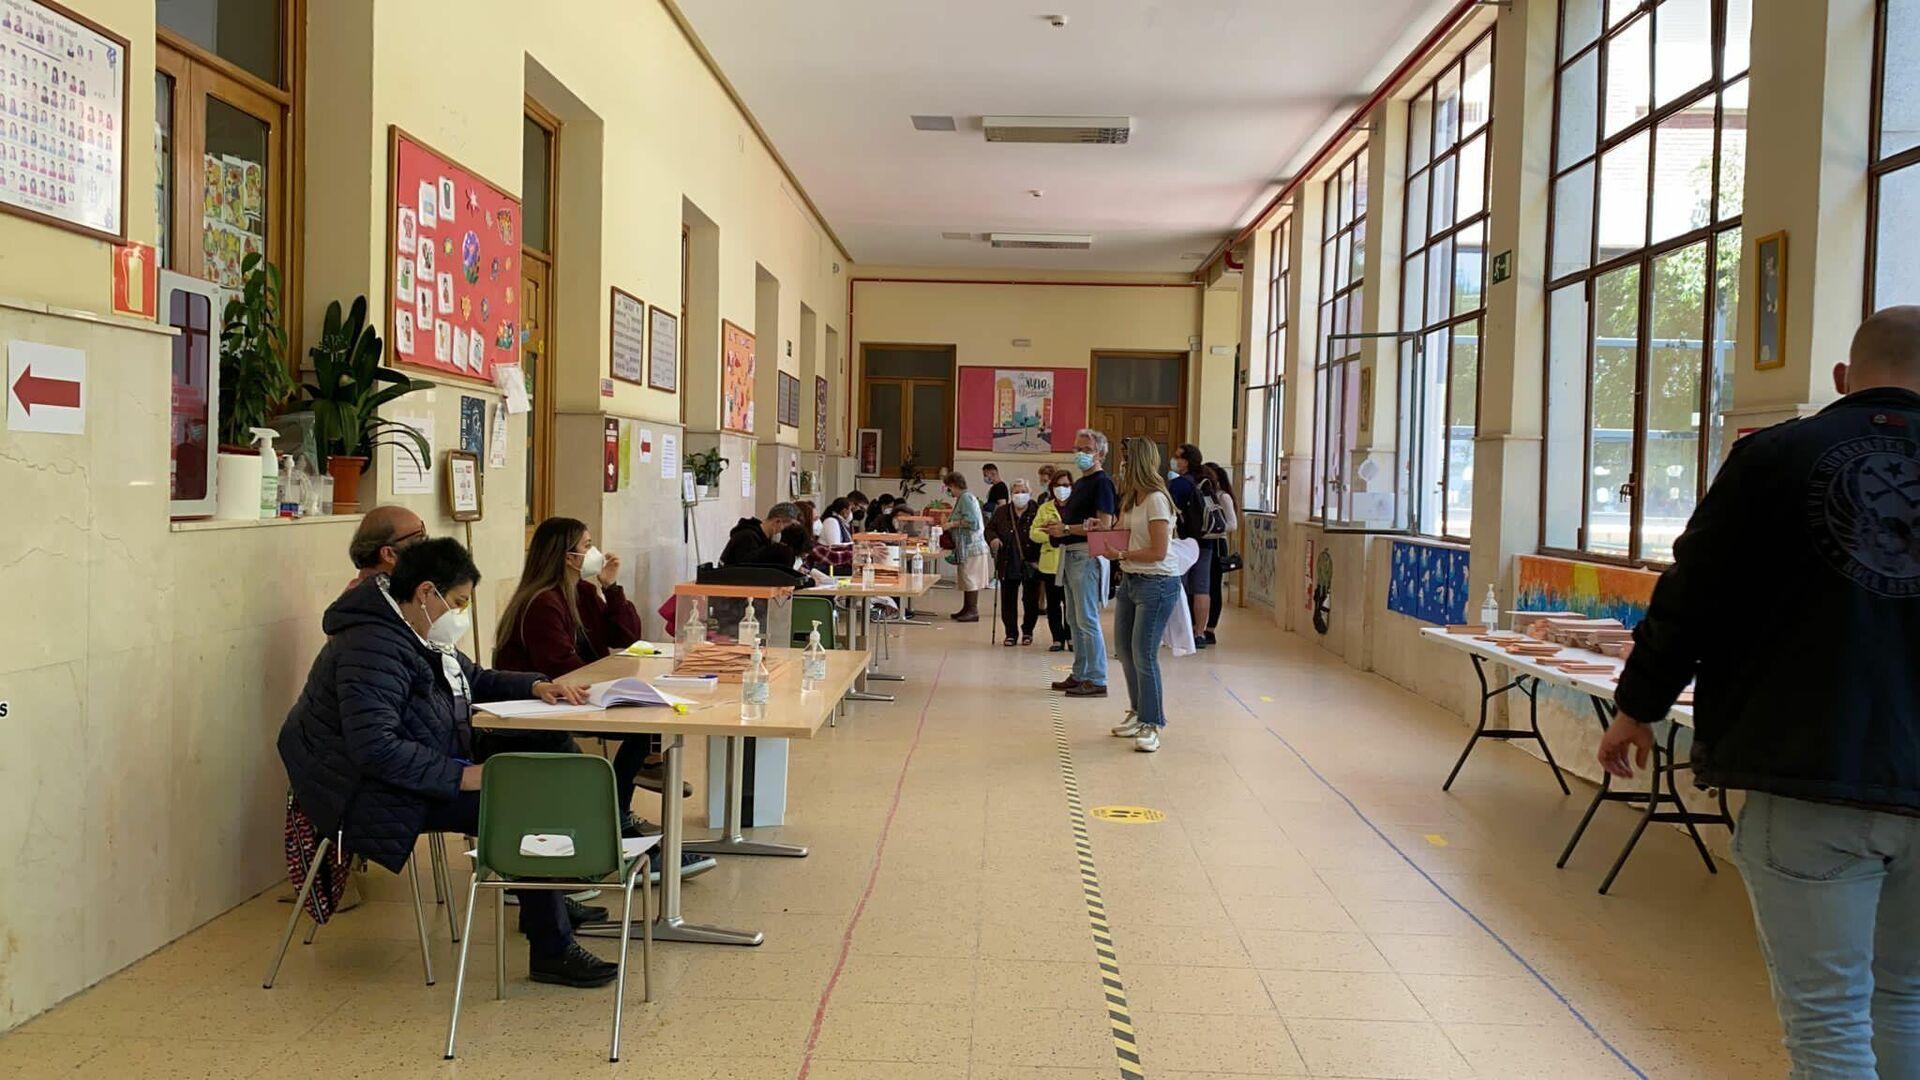 Interior de un colegio electoral en Puerta del Ángel en las elecciones del 4 de mayo a la Comunidad de Madrid - Sputnik Mundo, 1920, 04.05.2021